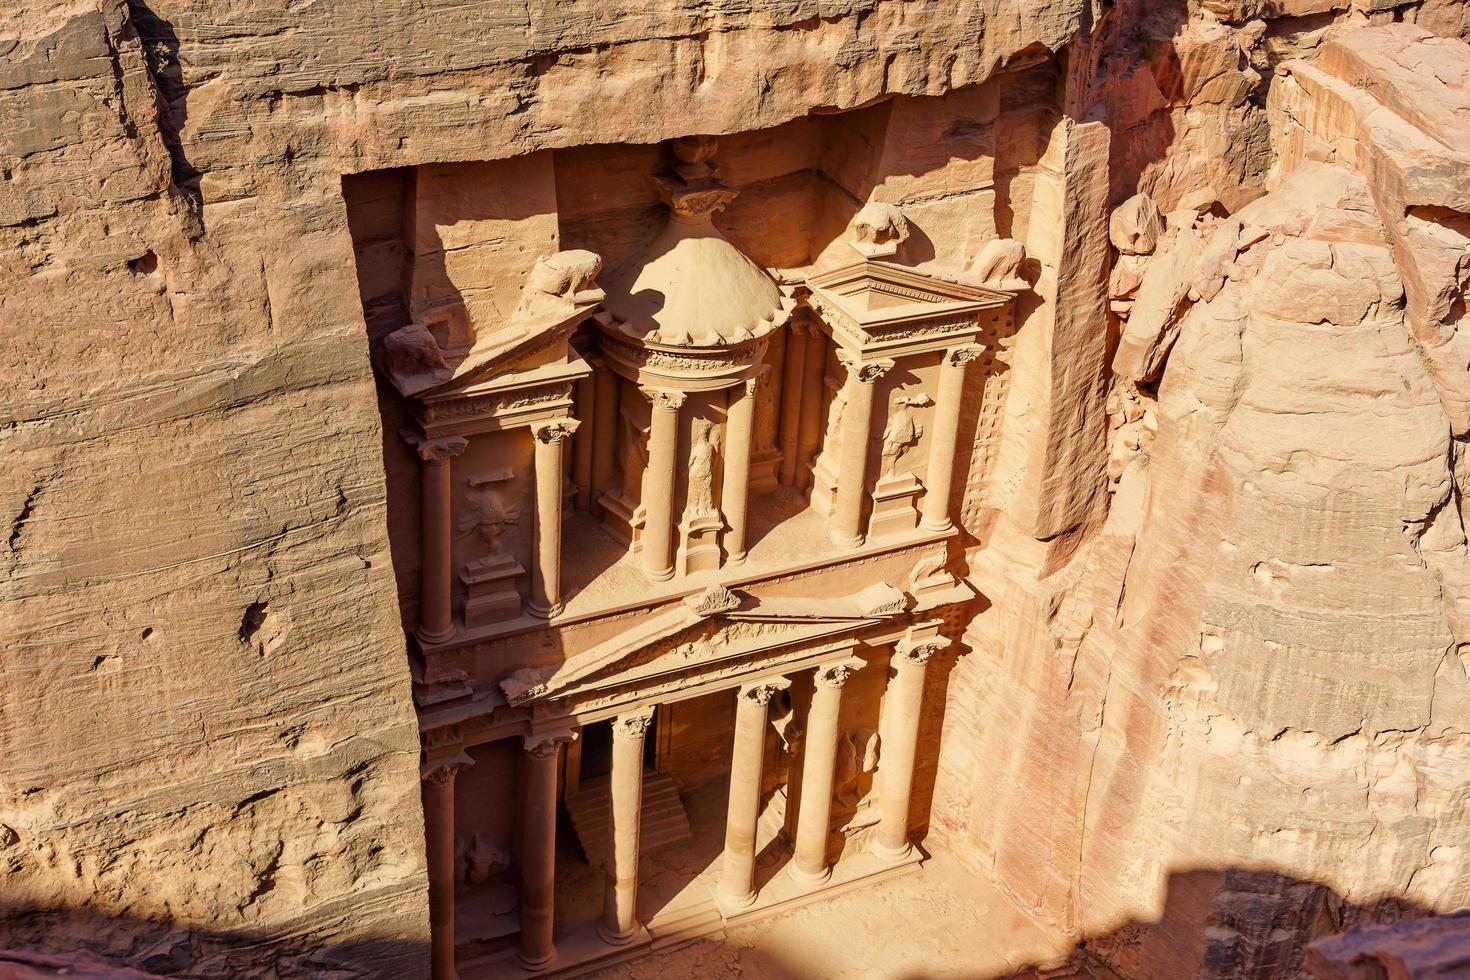 vista aerea del tesoro, al khazneh nell'antica città di petra, in giordania foto